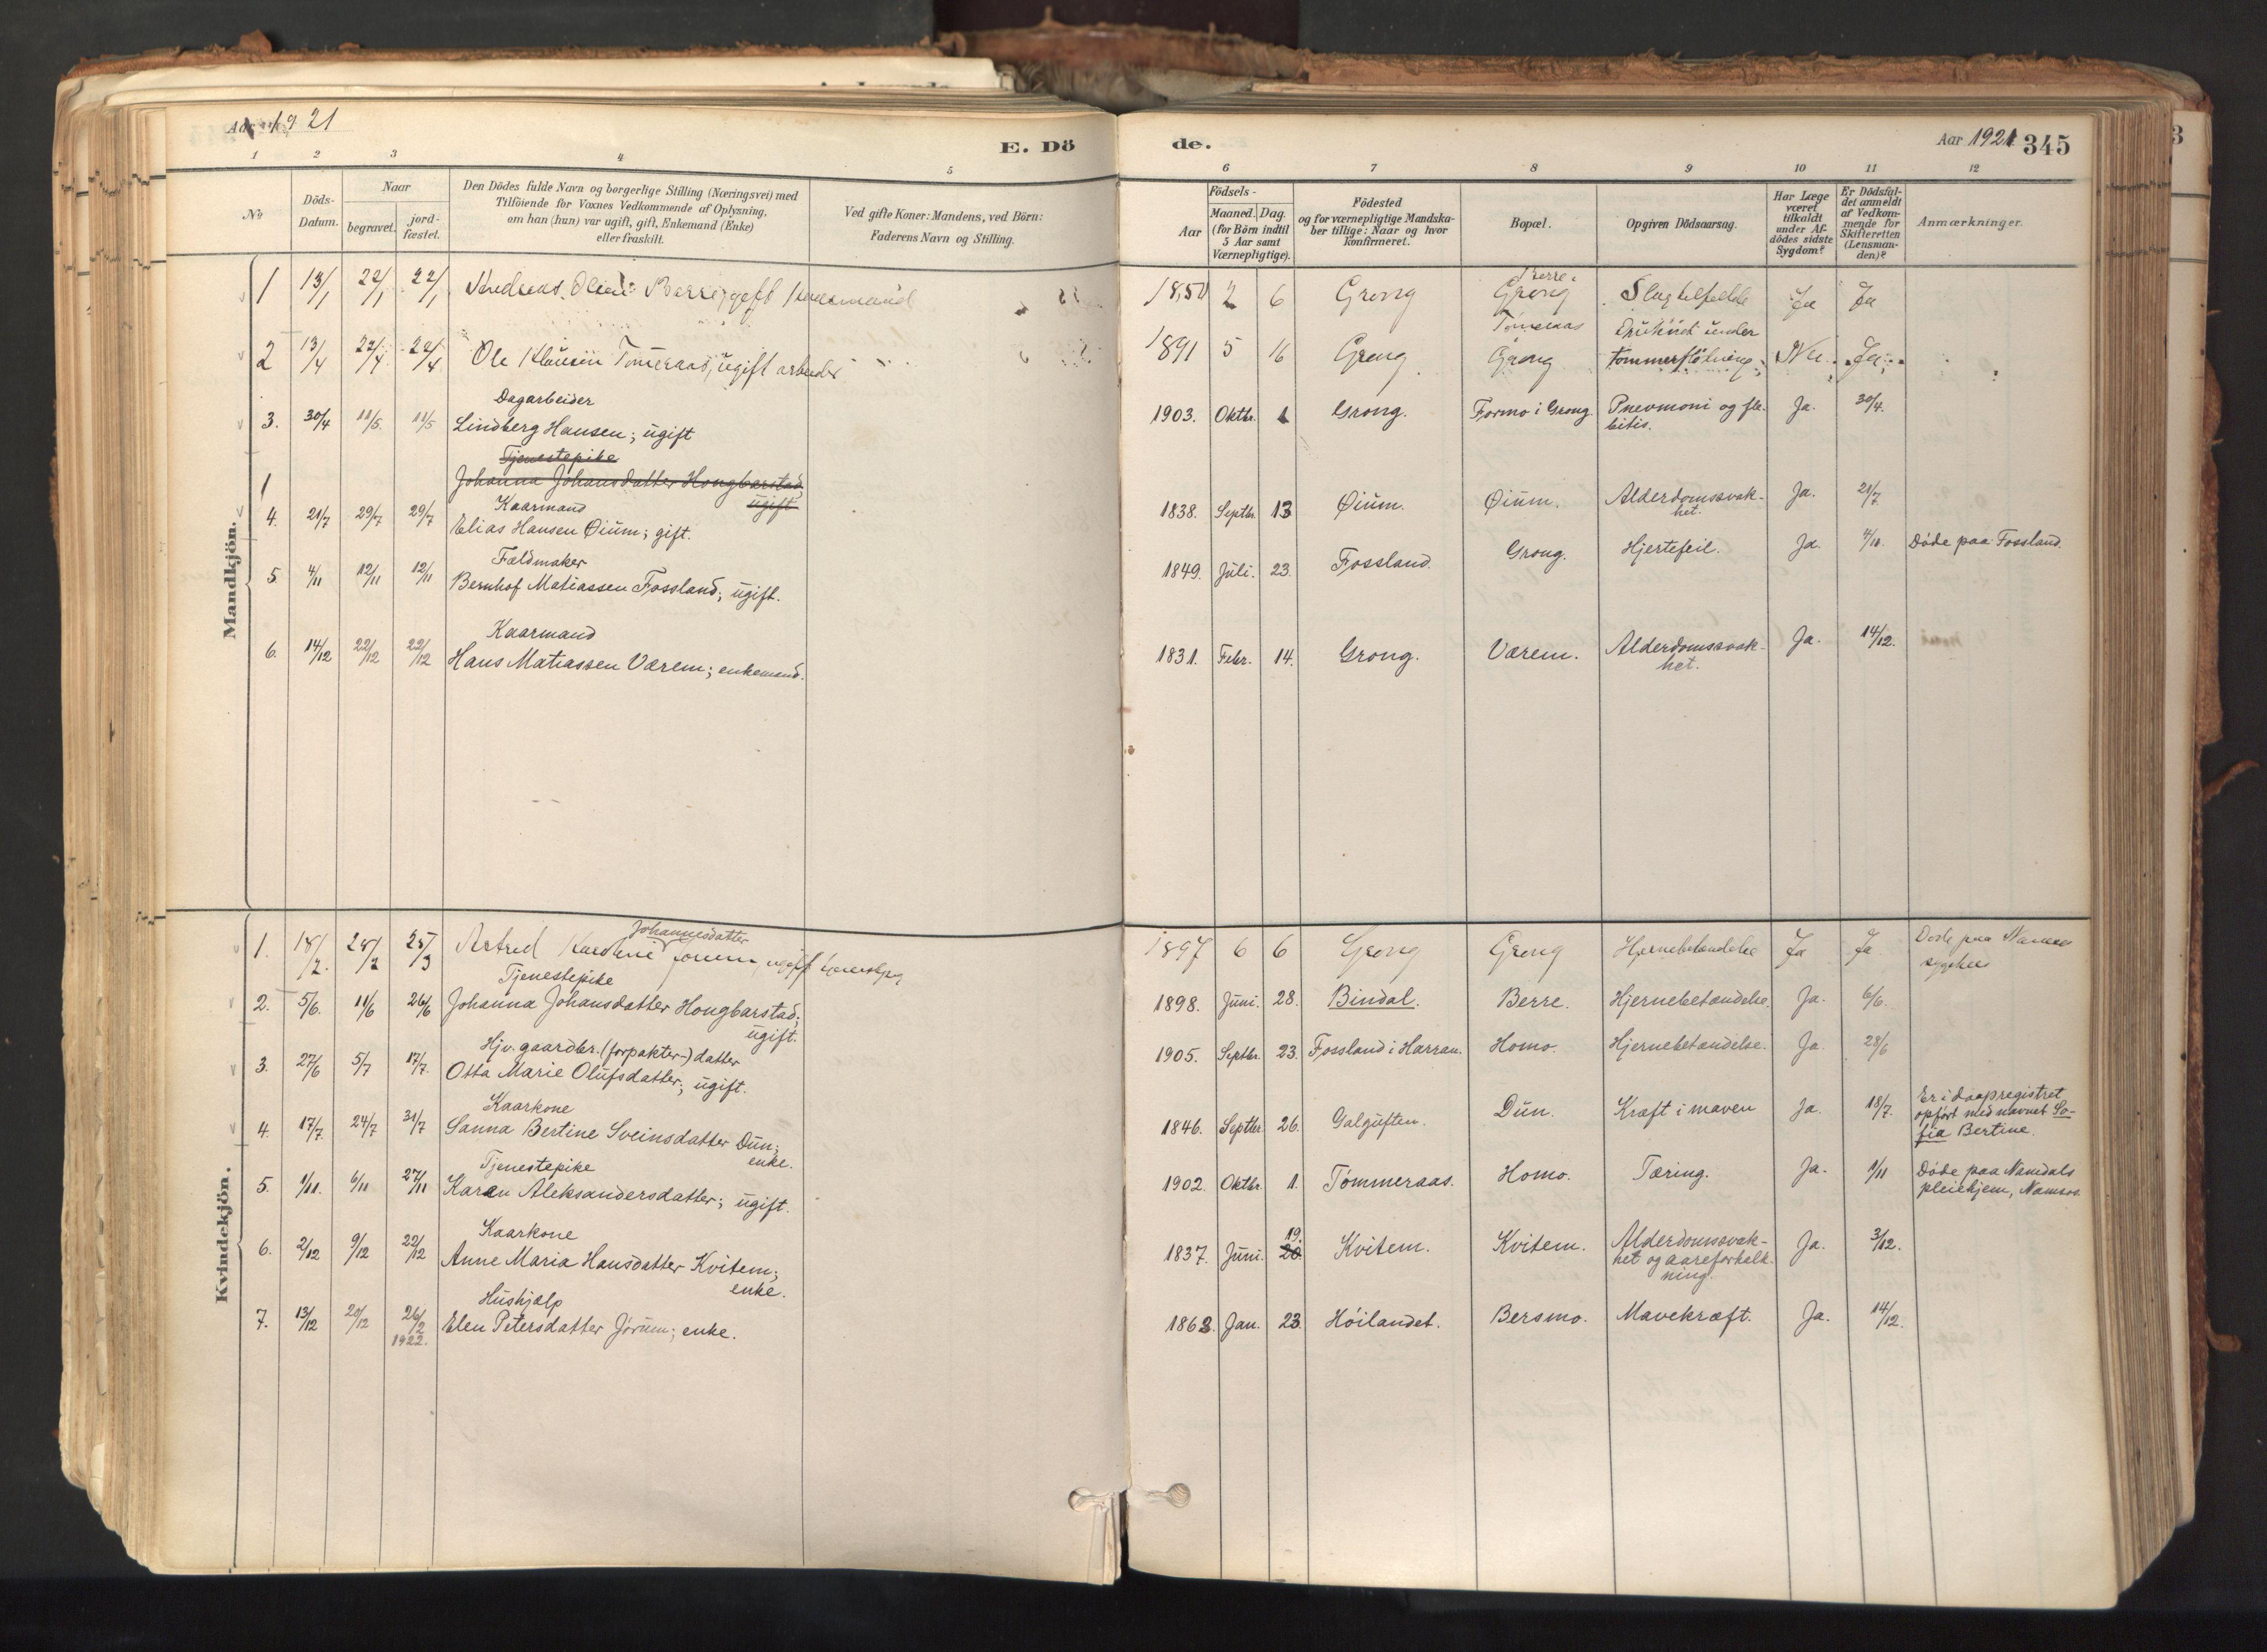 SAT, Ministerialprotokoller, klokkerbøker og fødselsregistre - Nord-Trøndelag, 758/L0519: Ministerialbok nr. 758A04, 1880-1926, s. 345